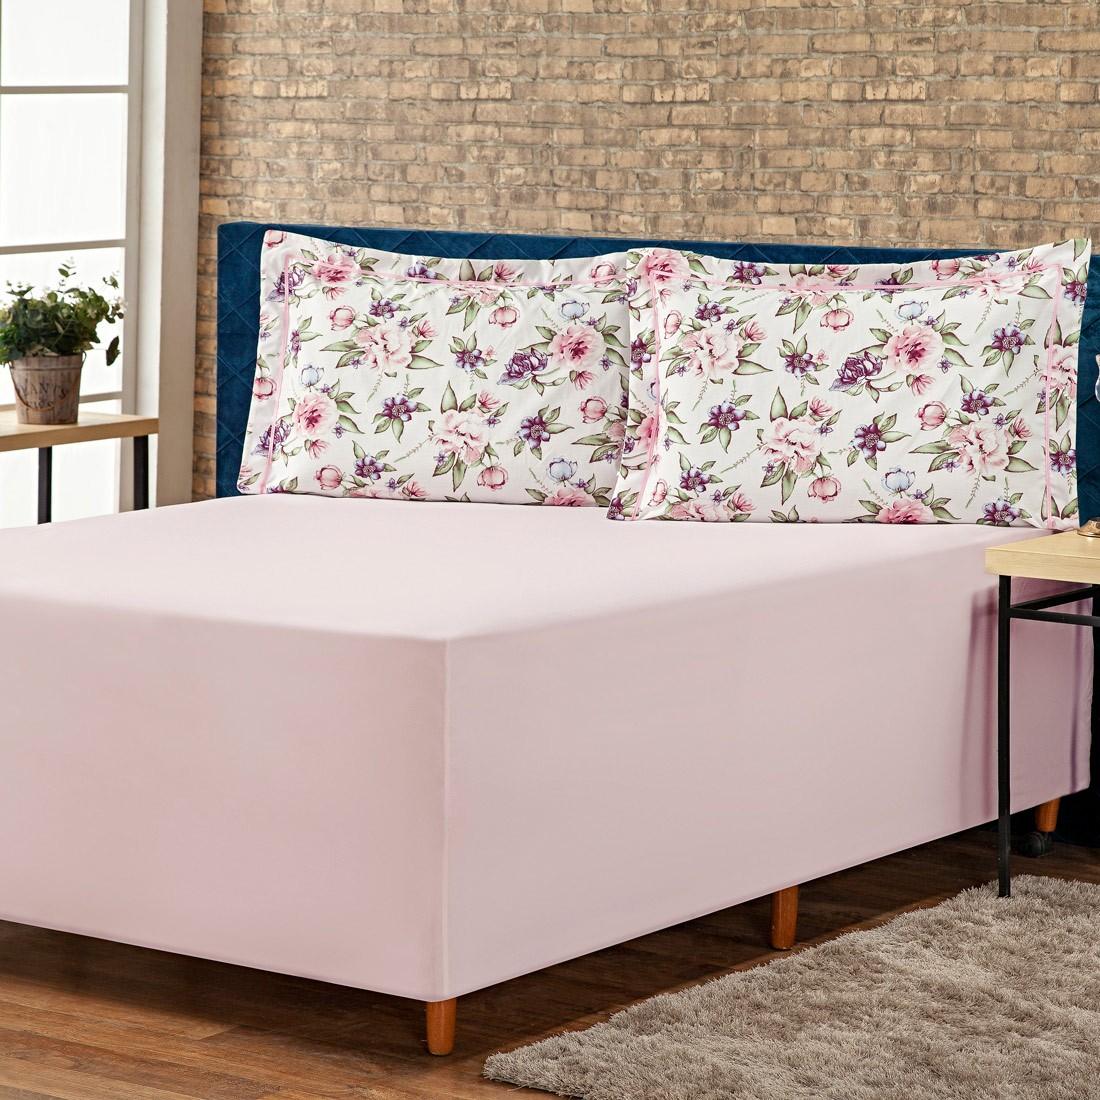 Jogo de Lençol p/ Cama Box Complet Floral Rosa King 03 Peças - Percal 140 Fios